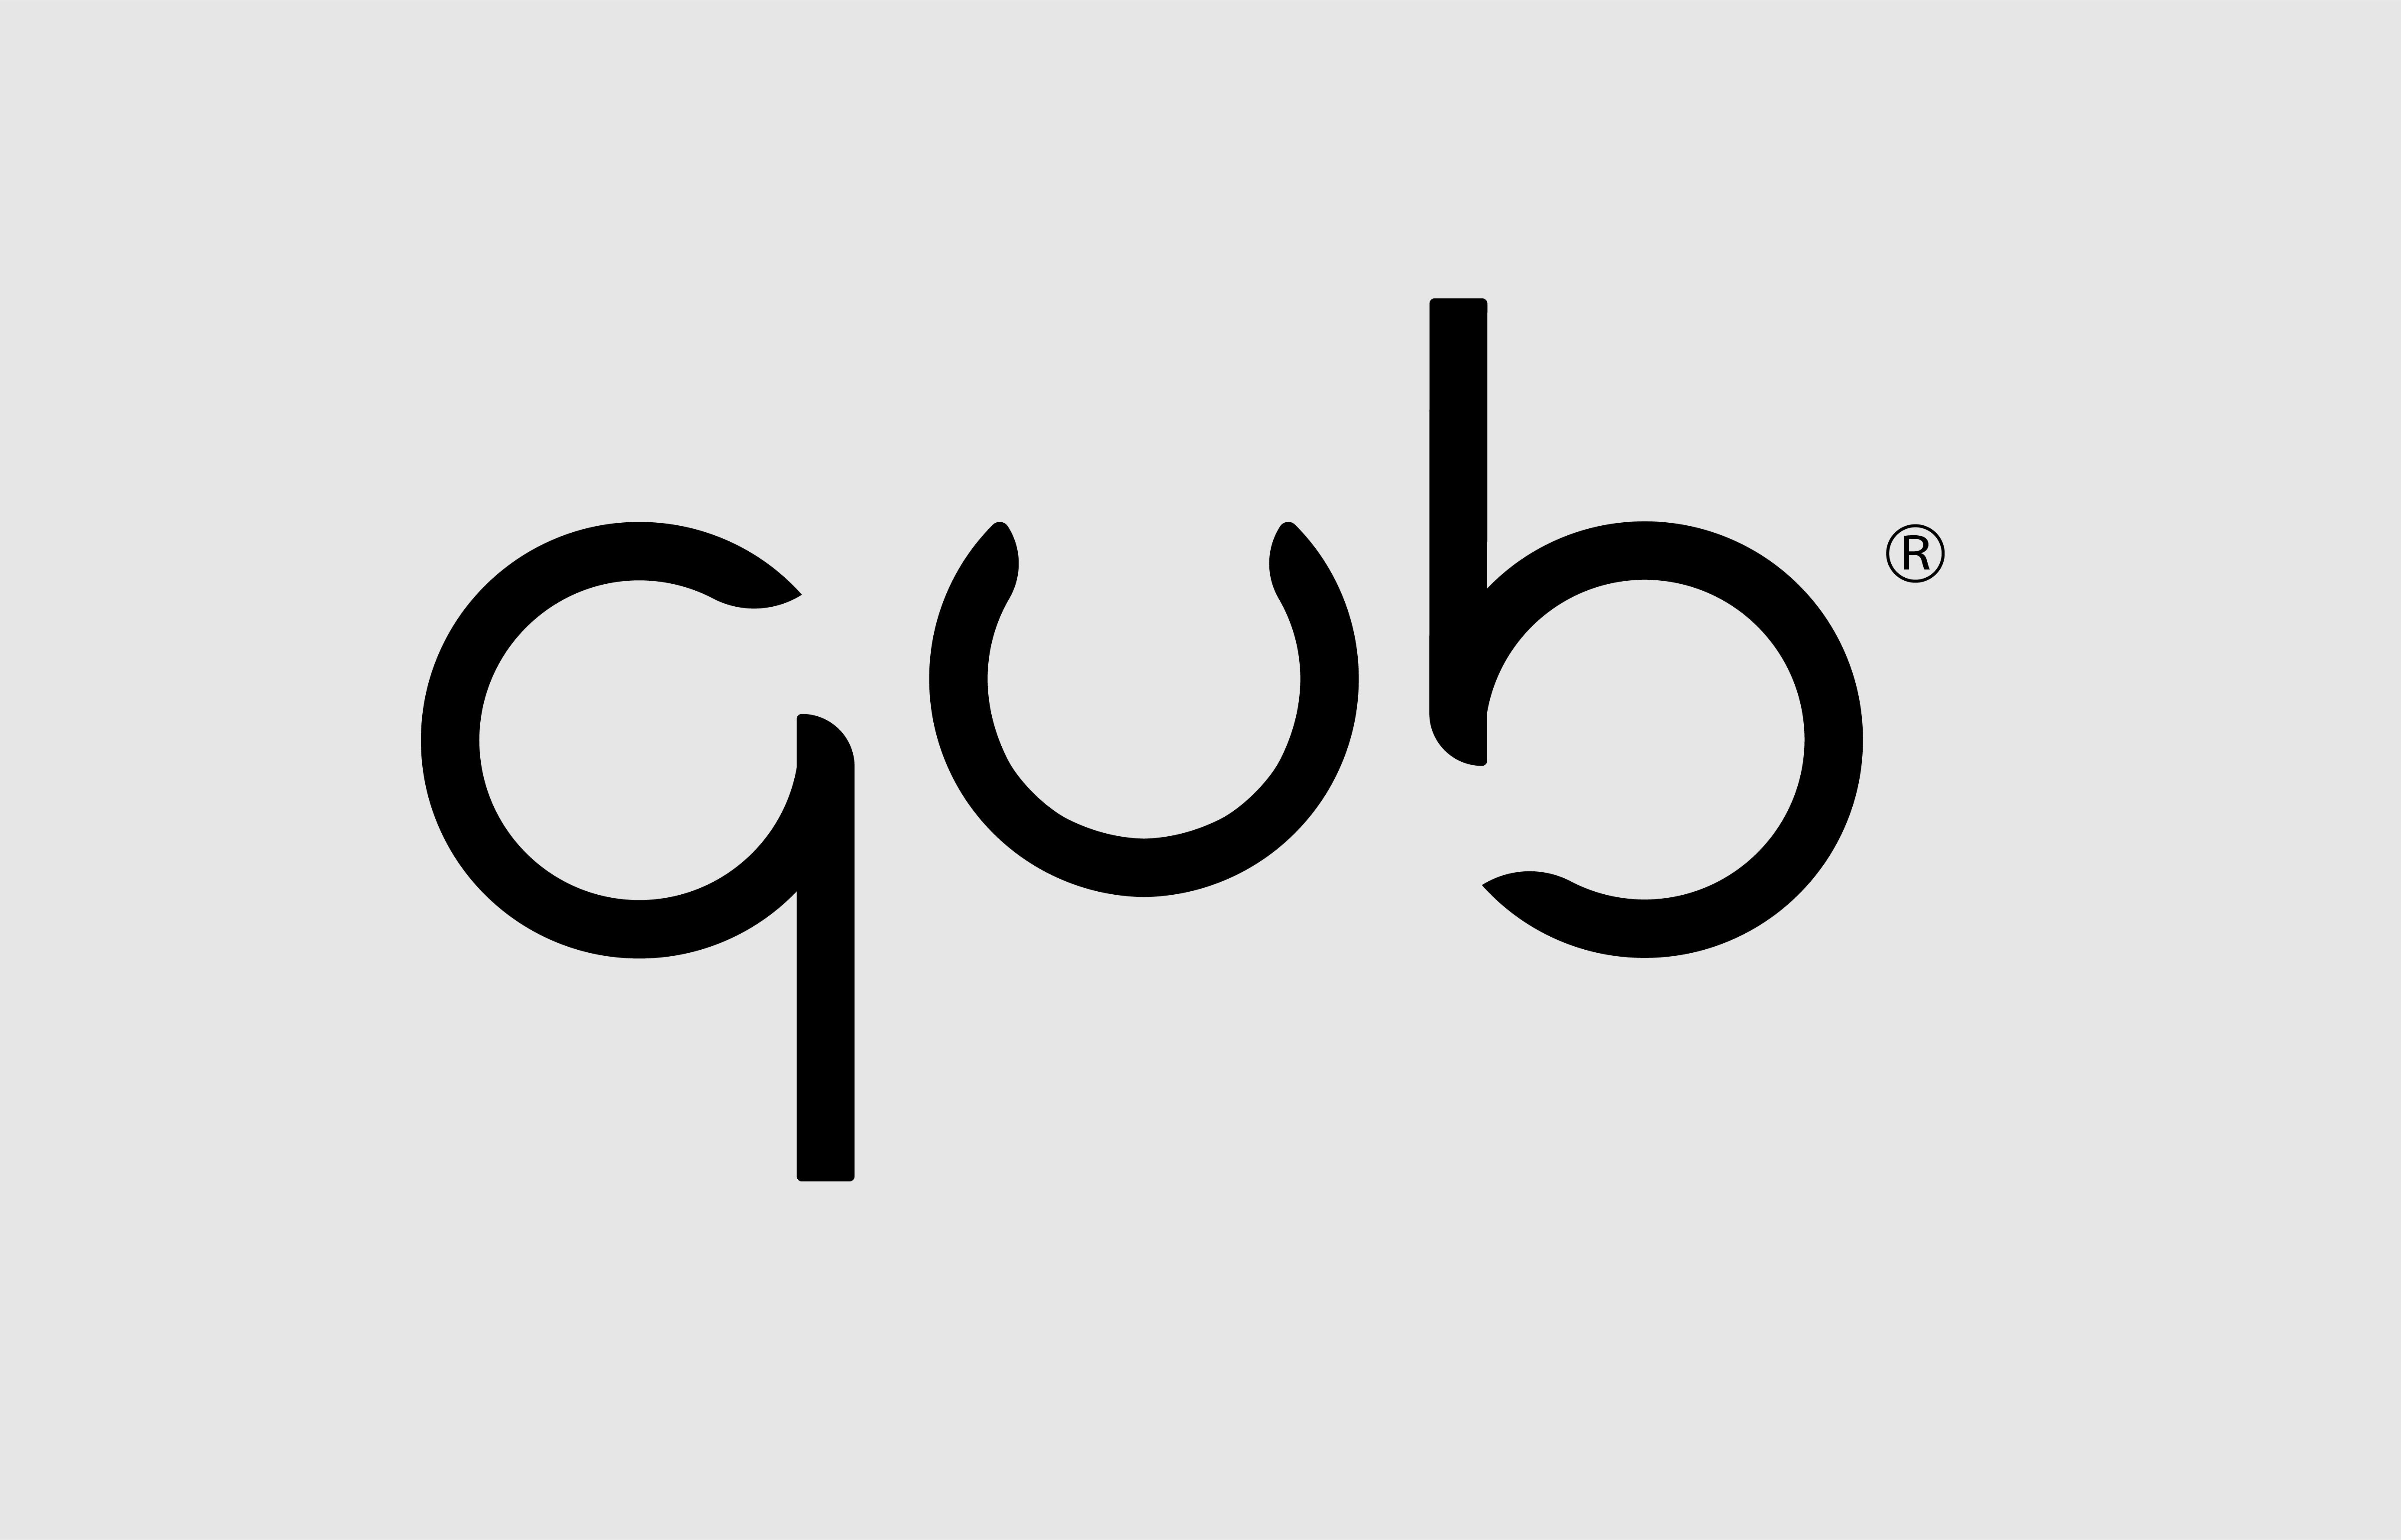 Разработка логотипа и фирменного стиля для ТМ фото f_2045f22eb612703f.jpg